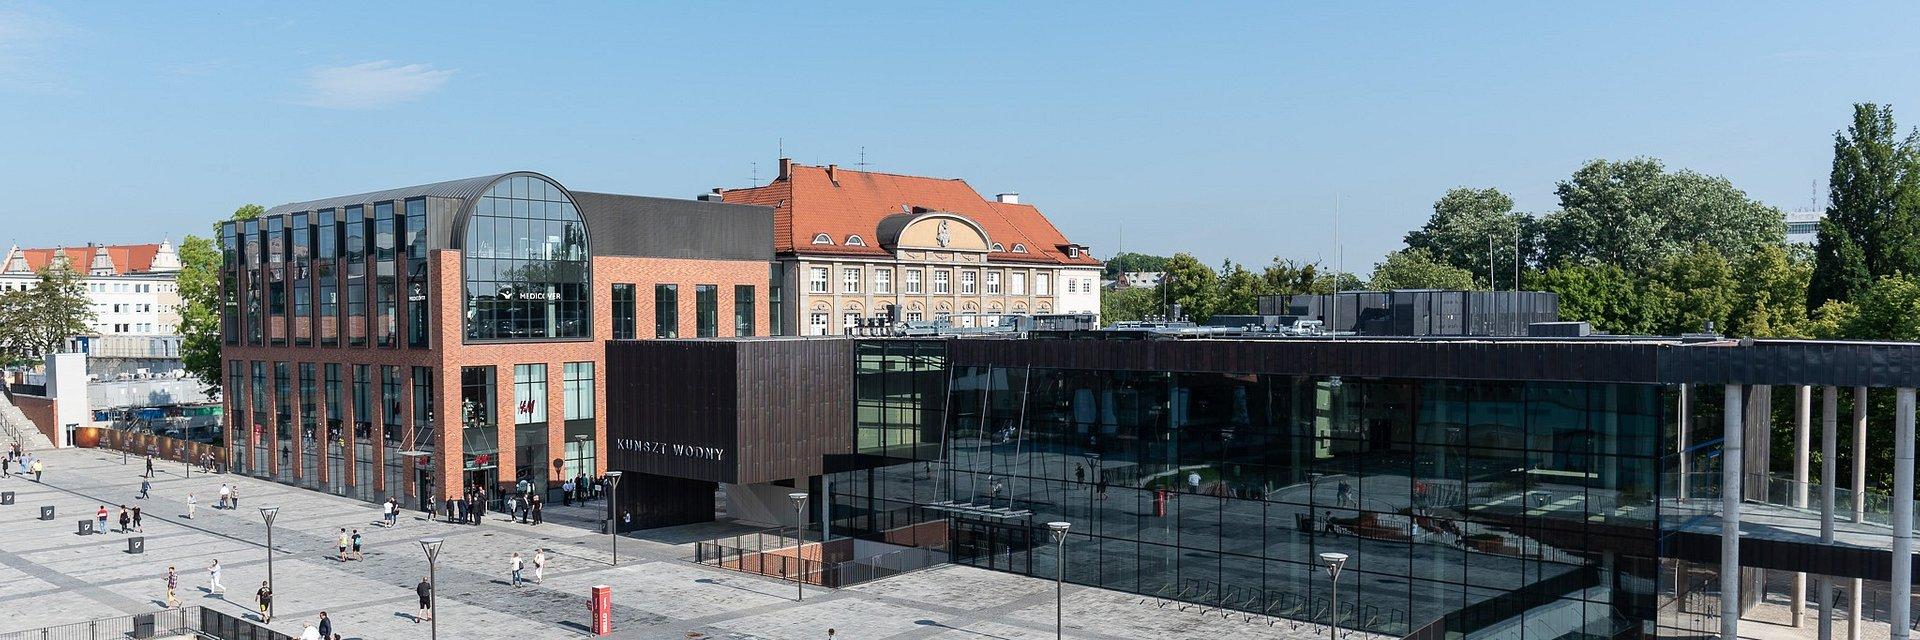 Medicover Polska inwestuje w nowe placówki w Trójmieście